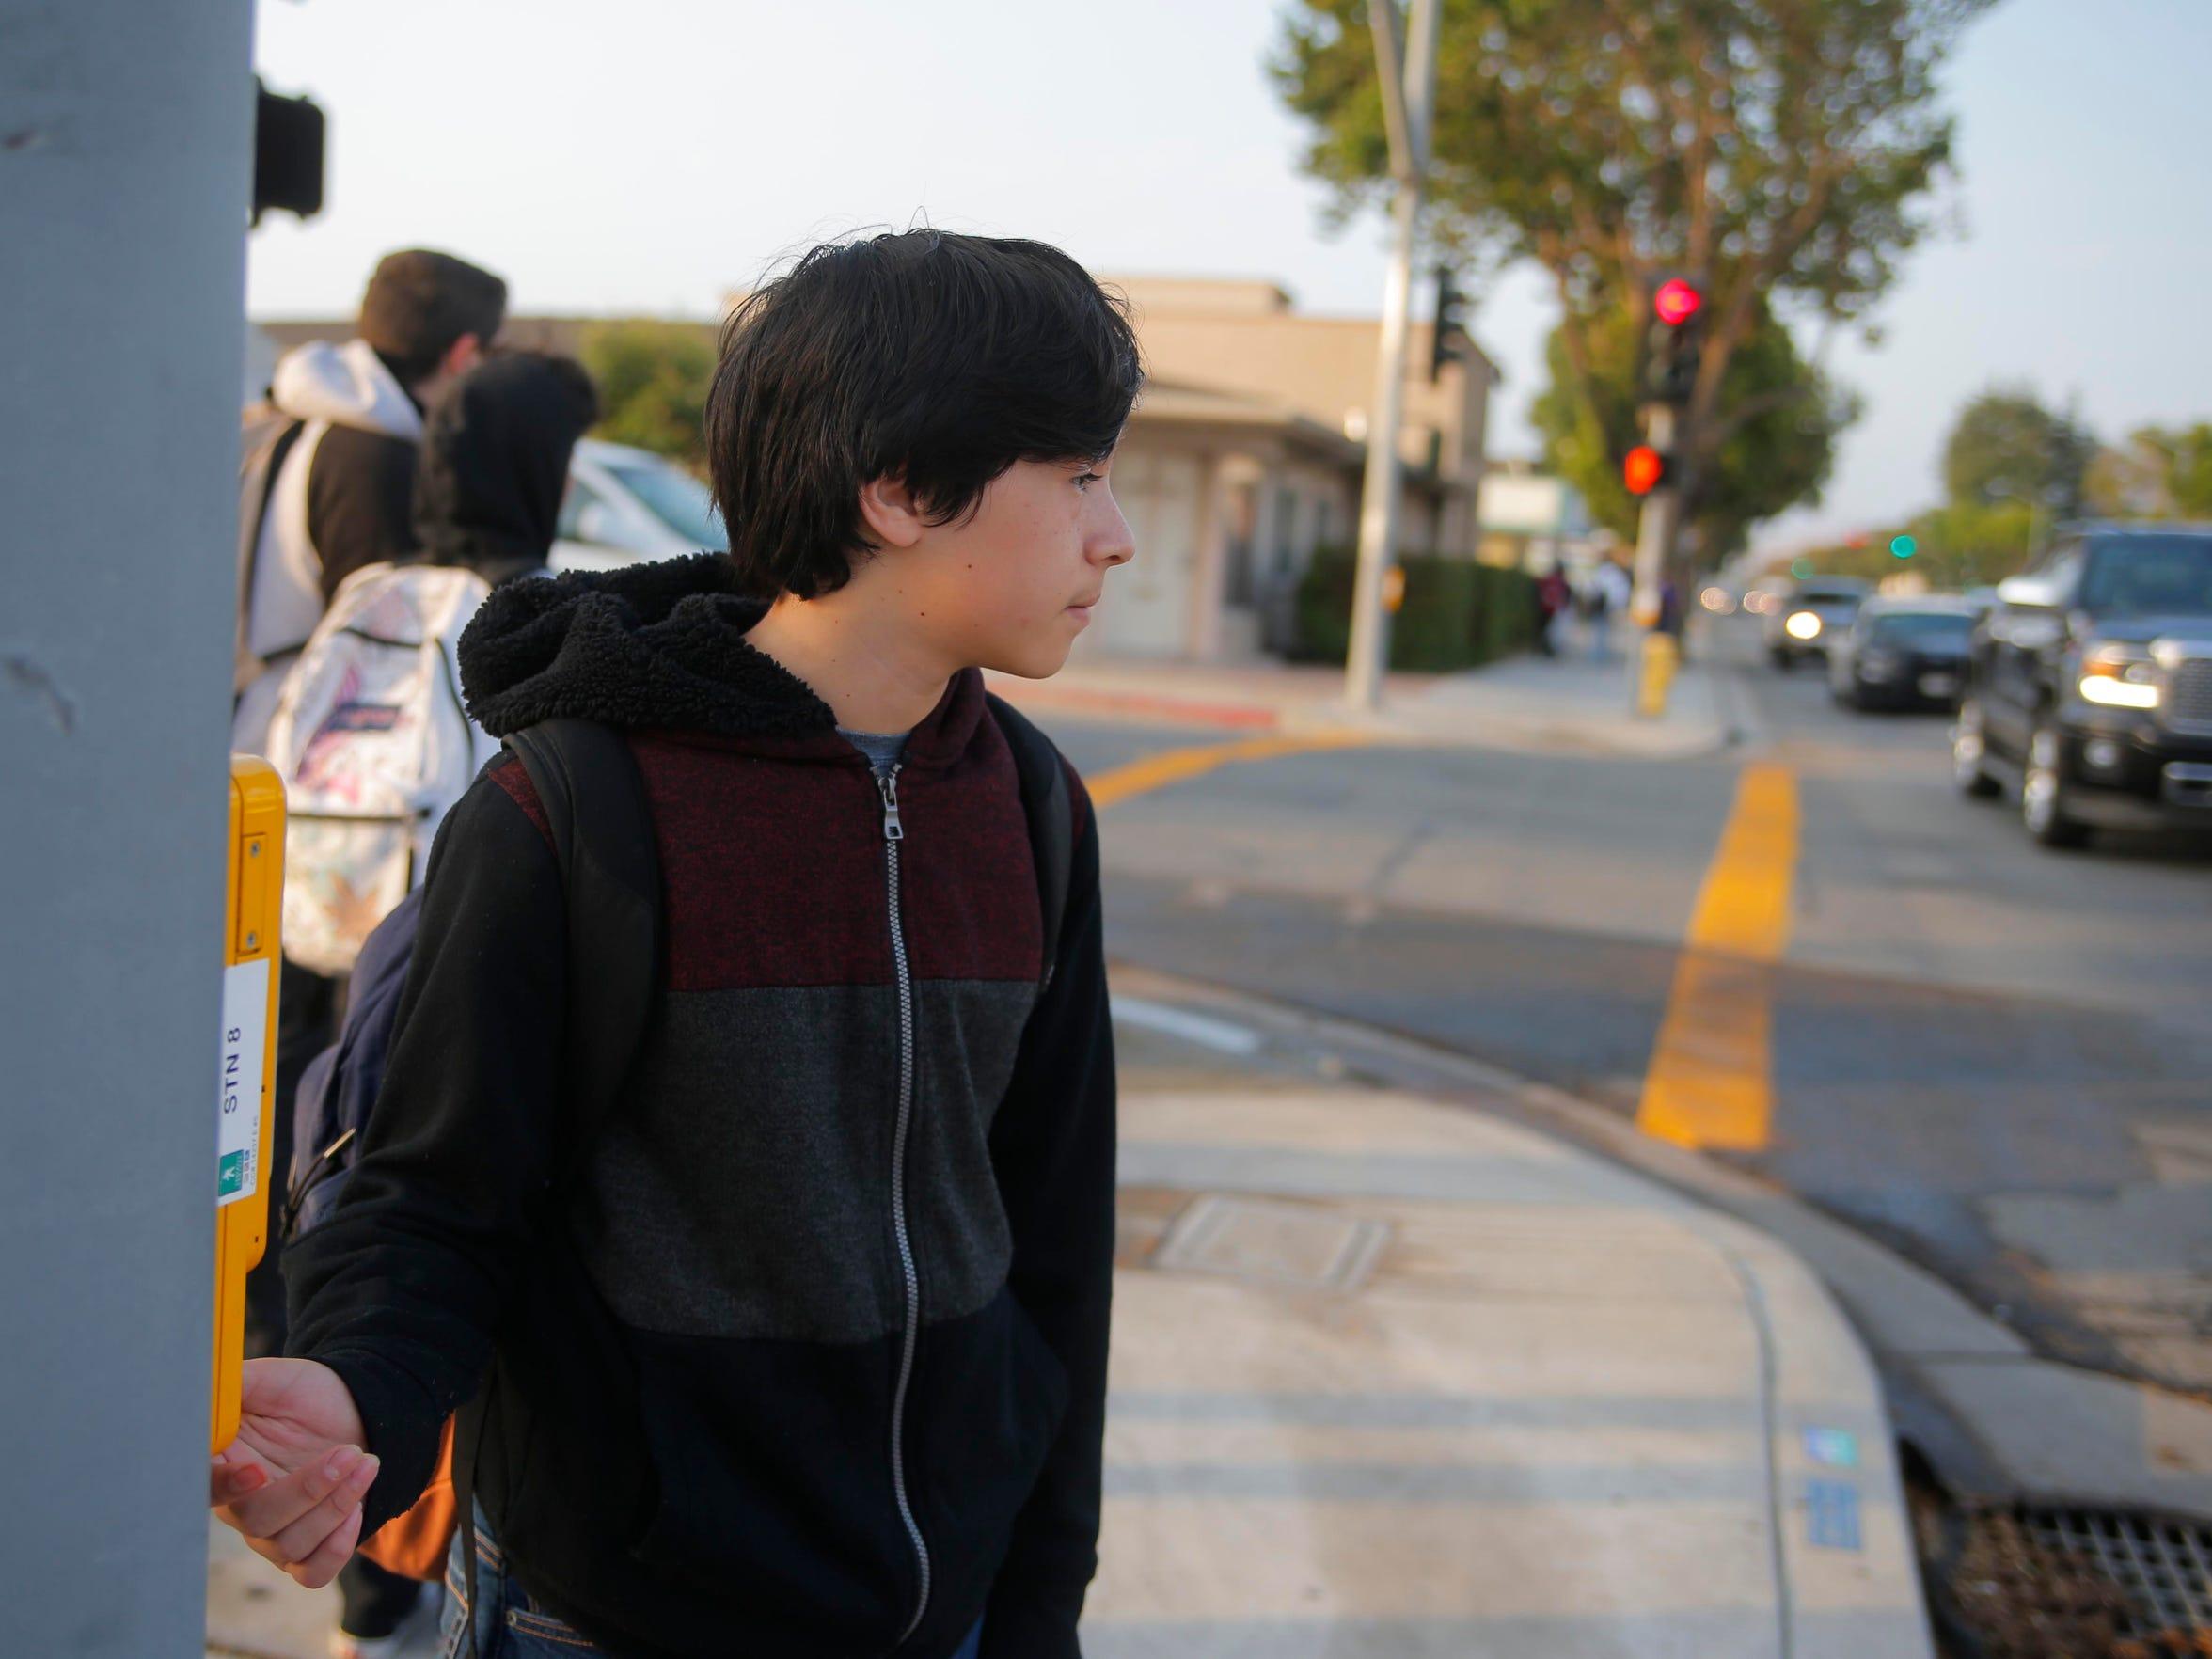 Jose Anzaldo crosses South Main Street on his way to